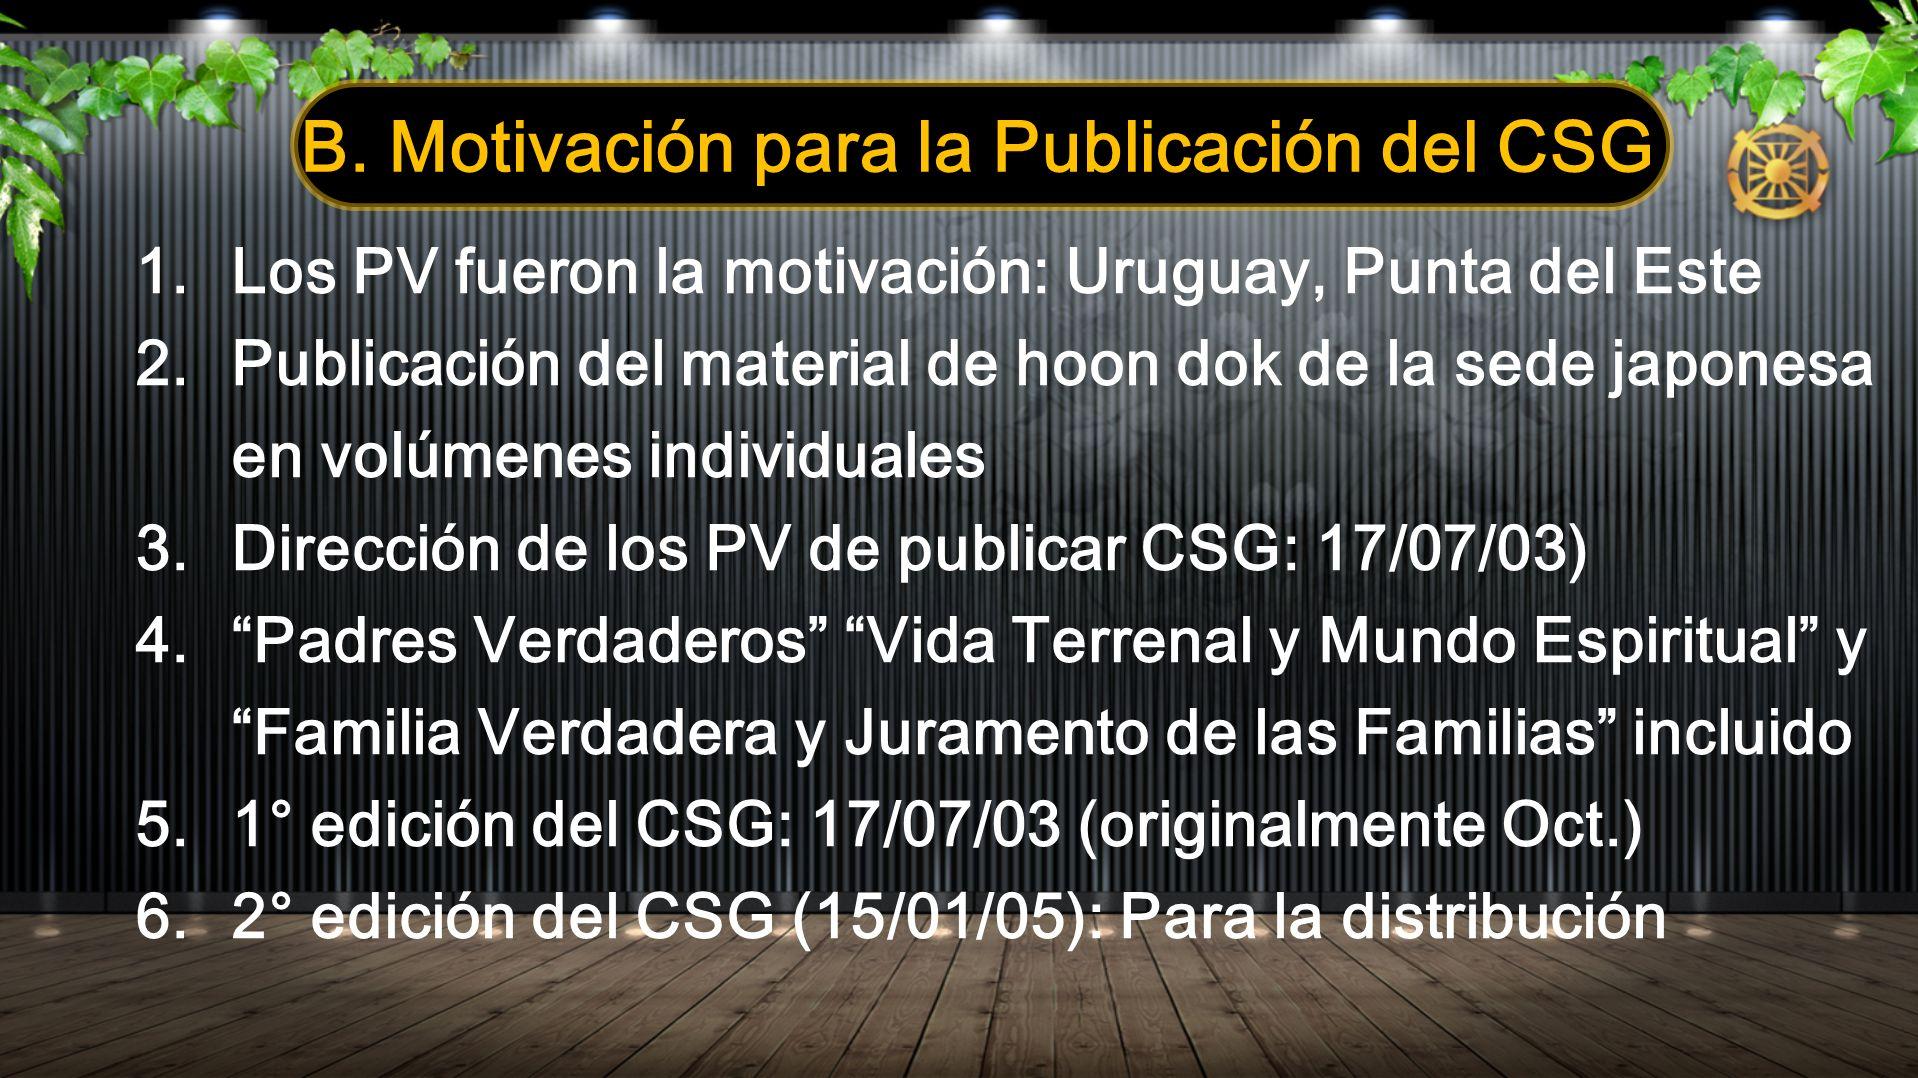 B. Motivación para la Publicación del CSG